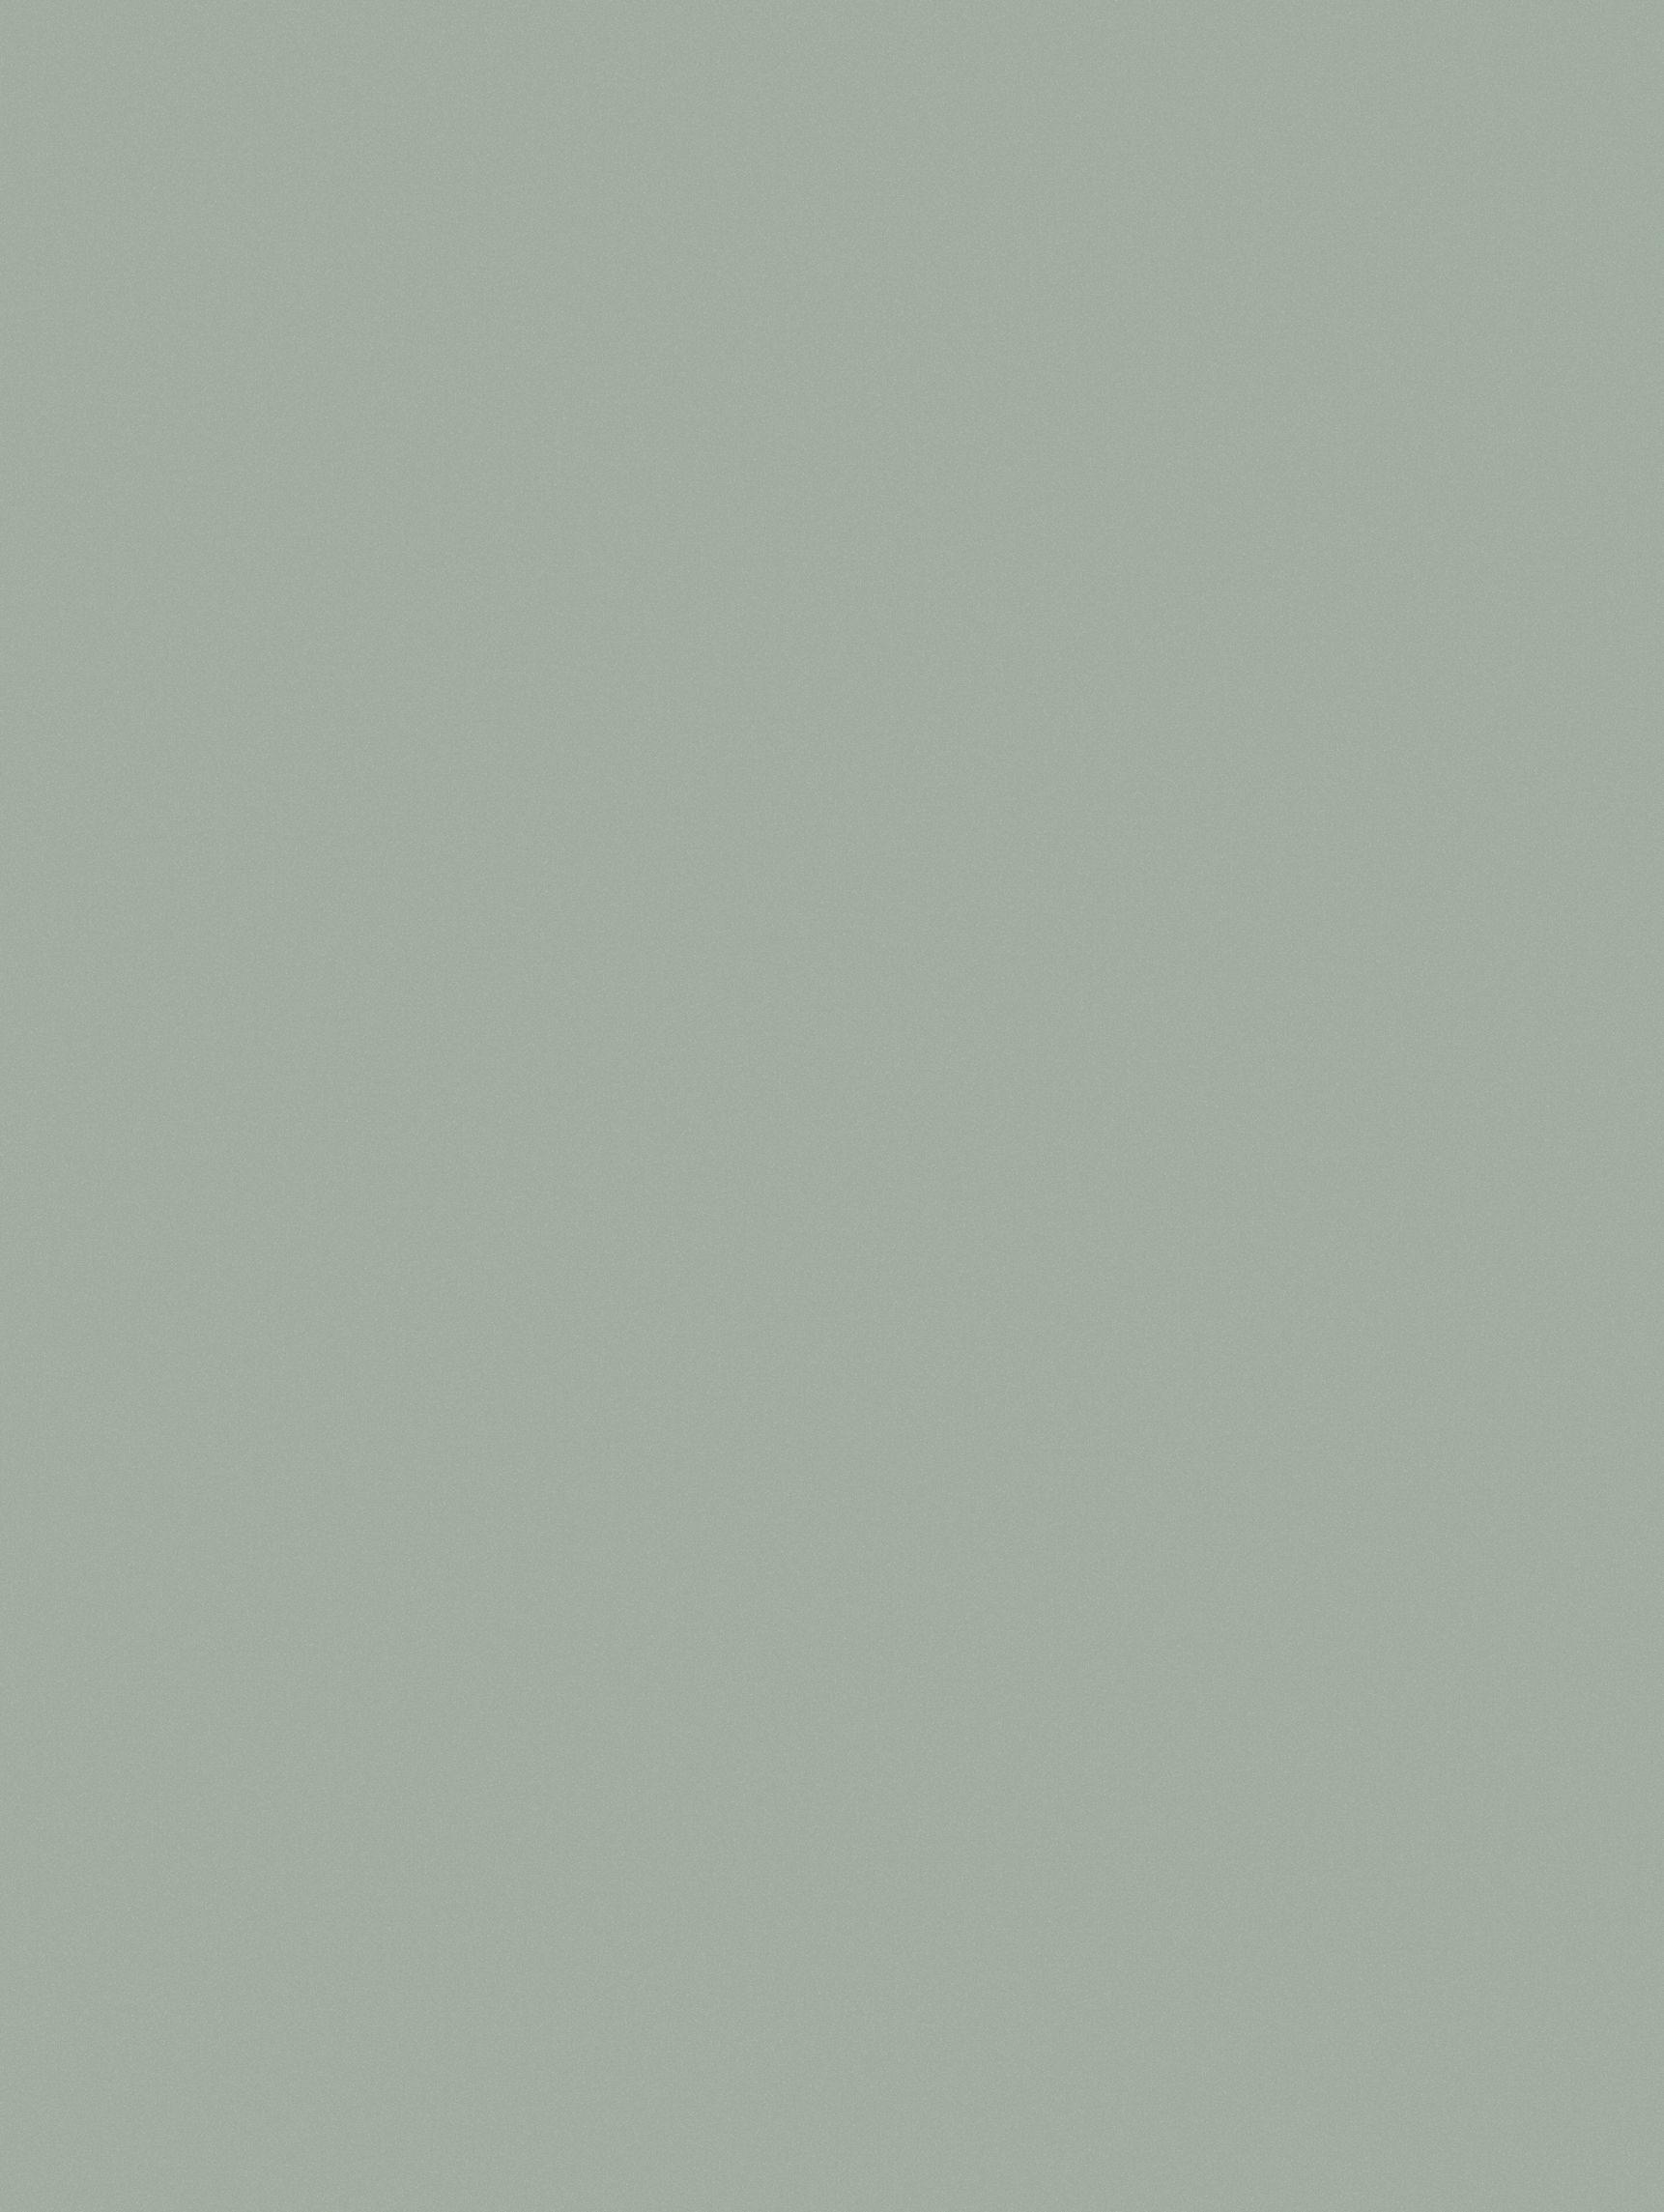 Padrão Mint - Linha Essencial Duratex